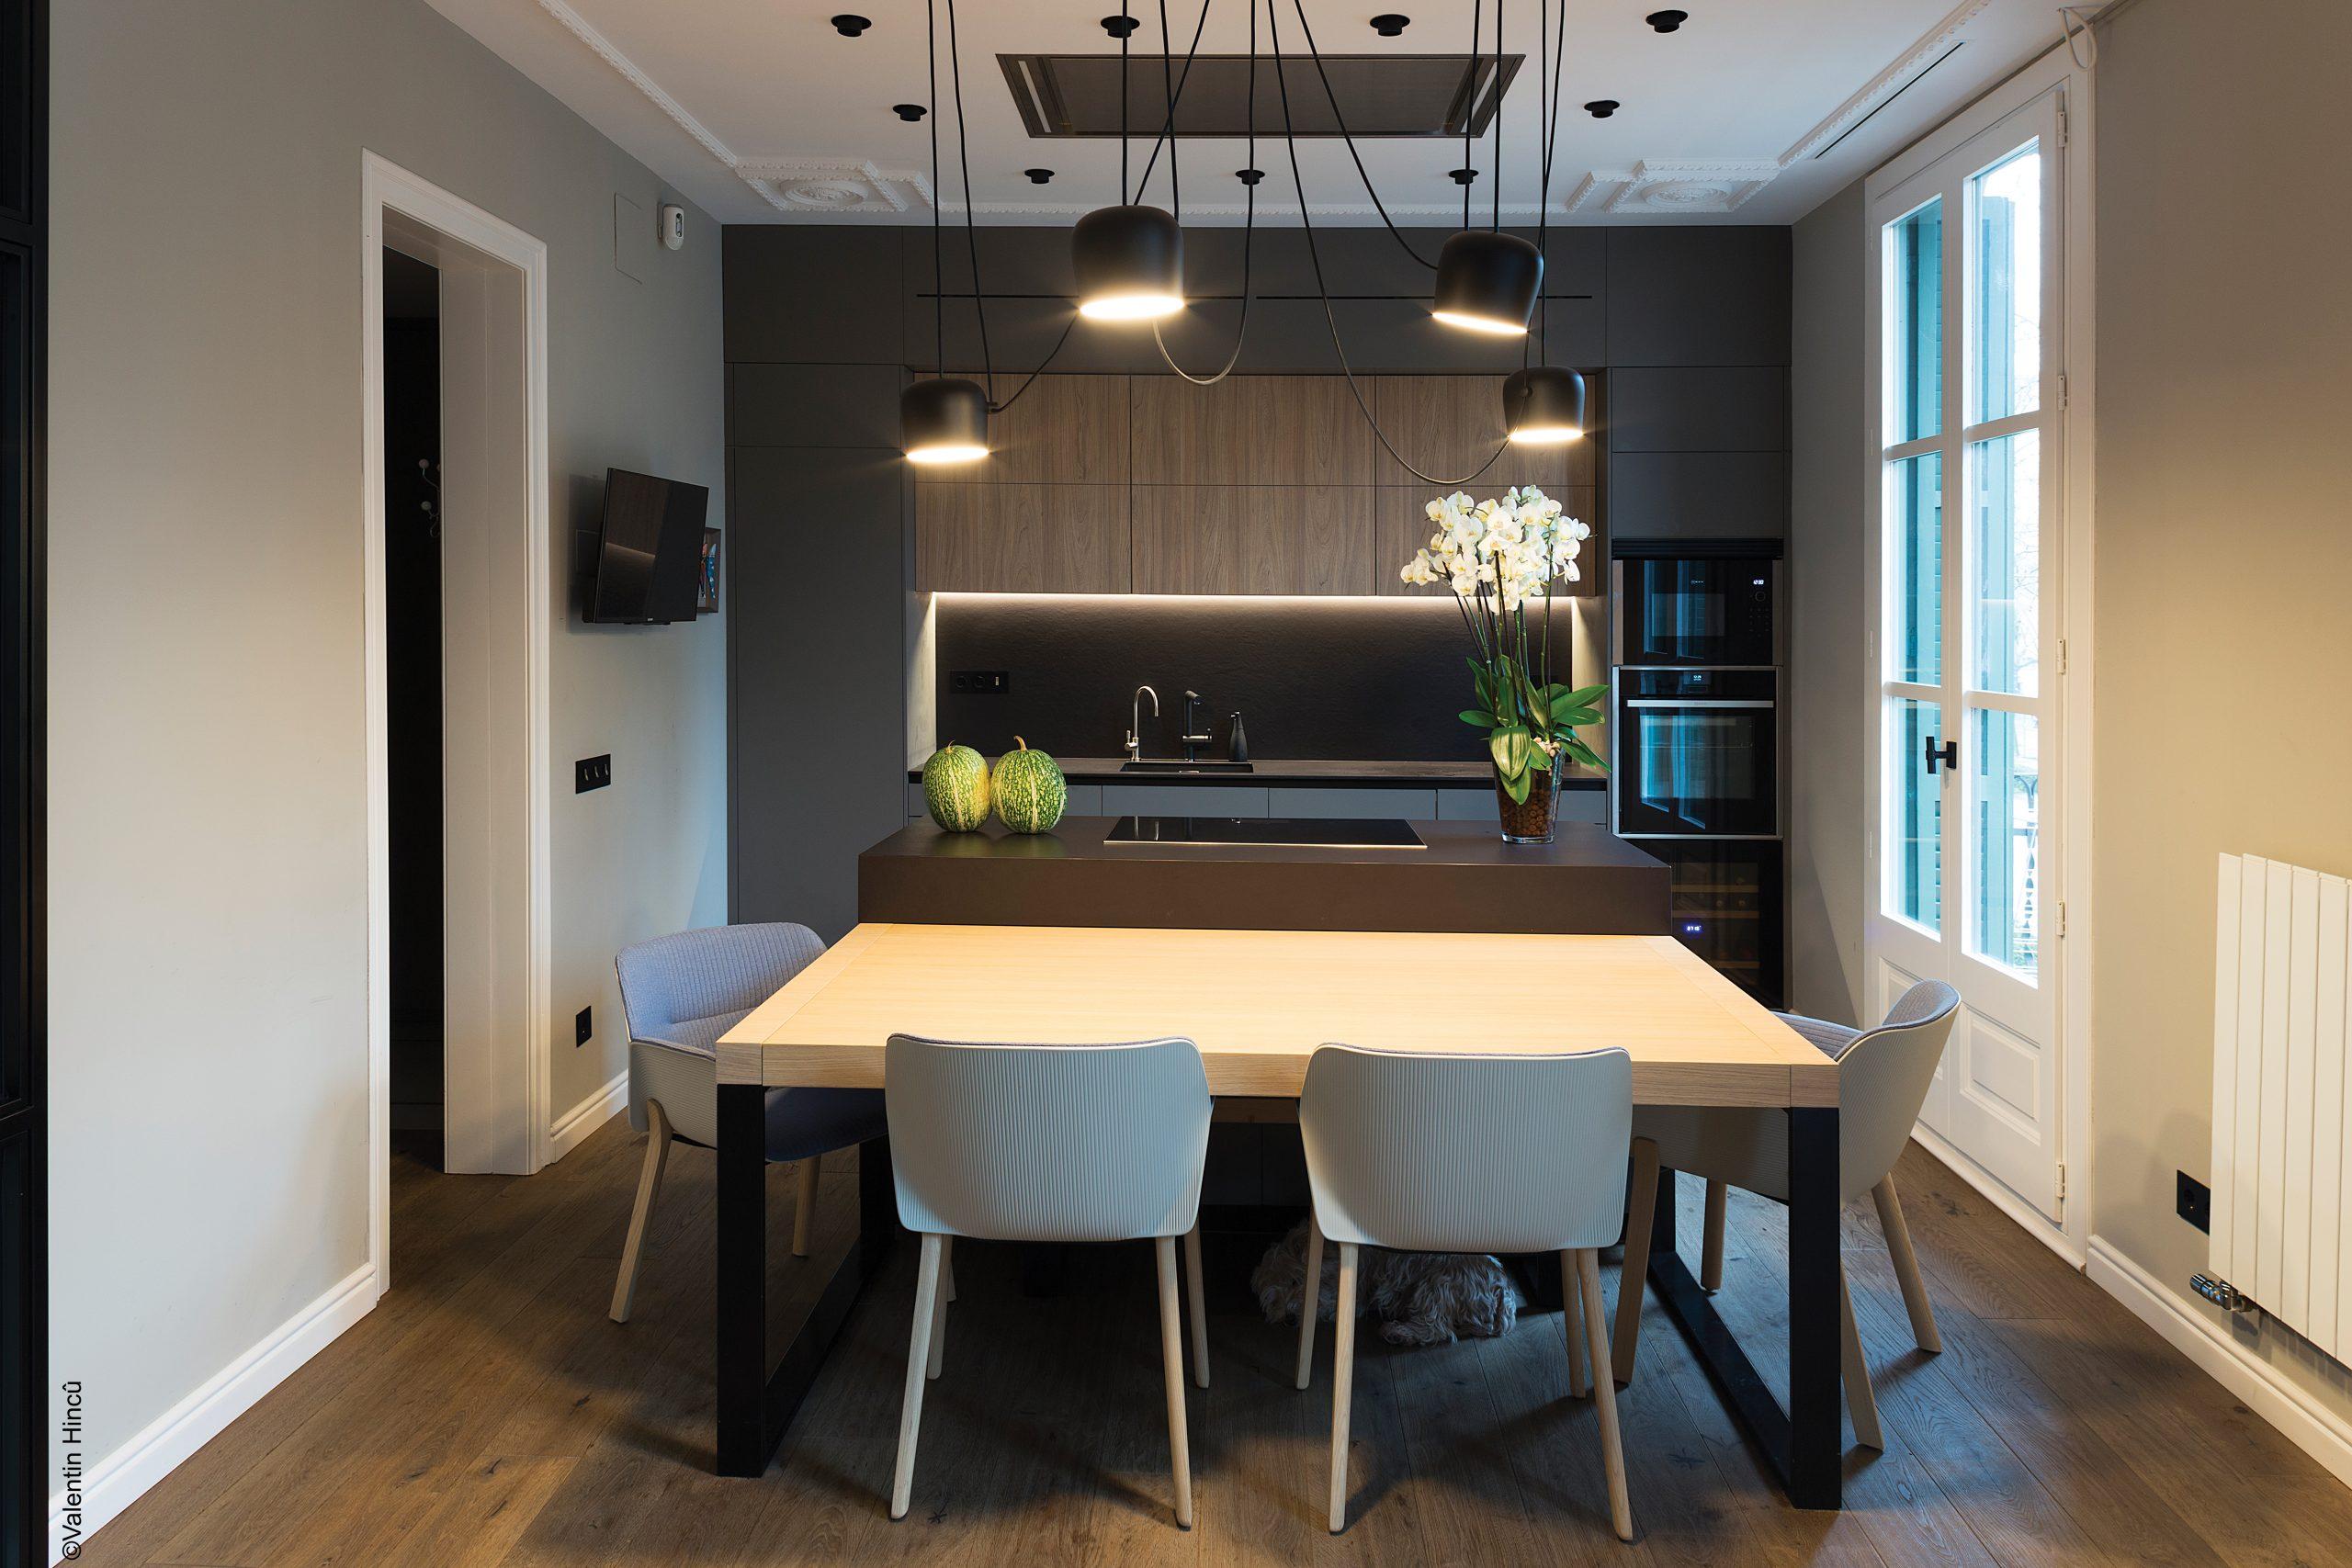 Maison Mood : Rénovation complète d'un appartement dans un bâtiment du 20e siècle